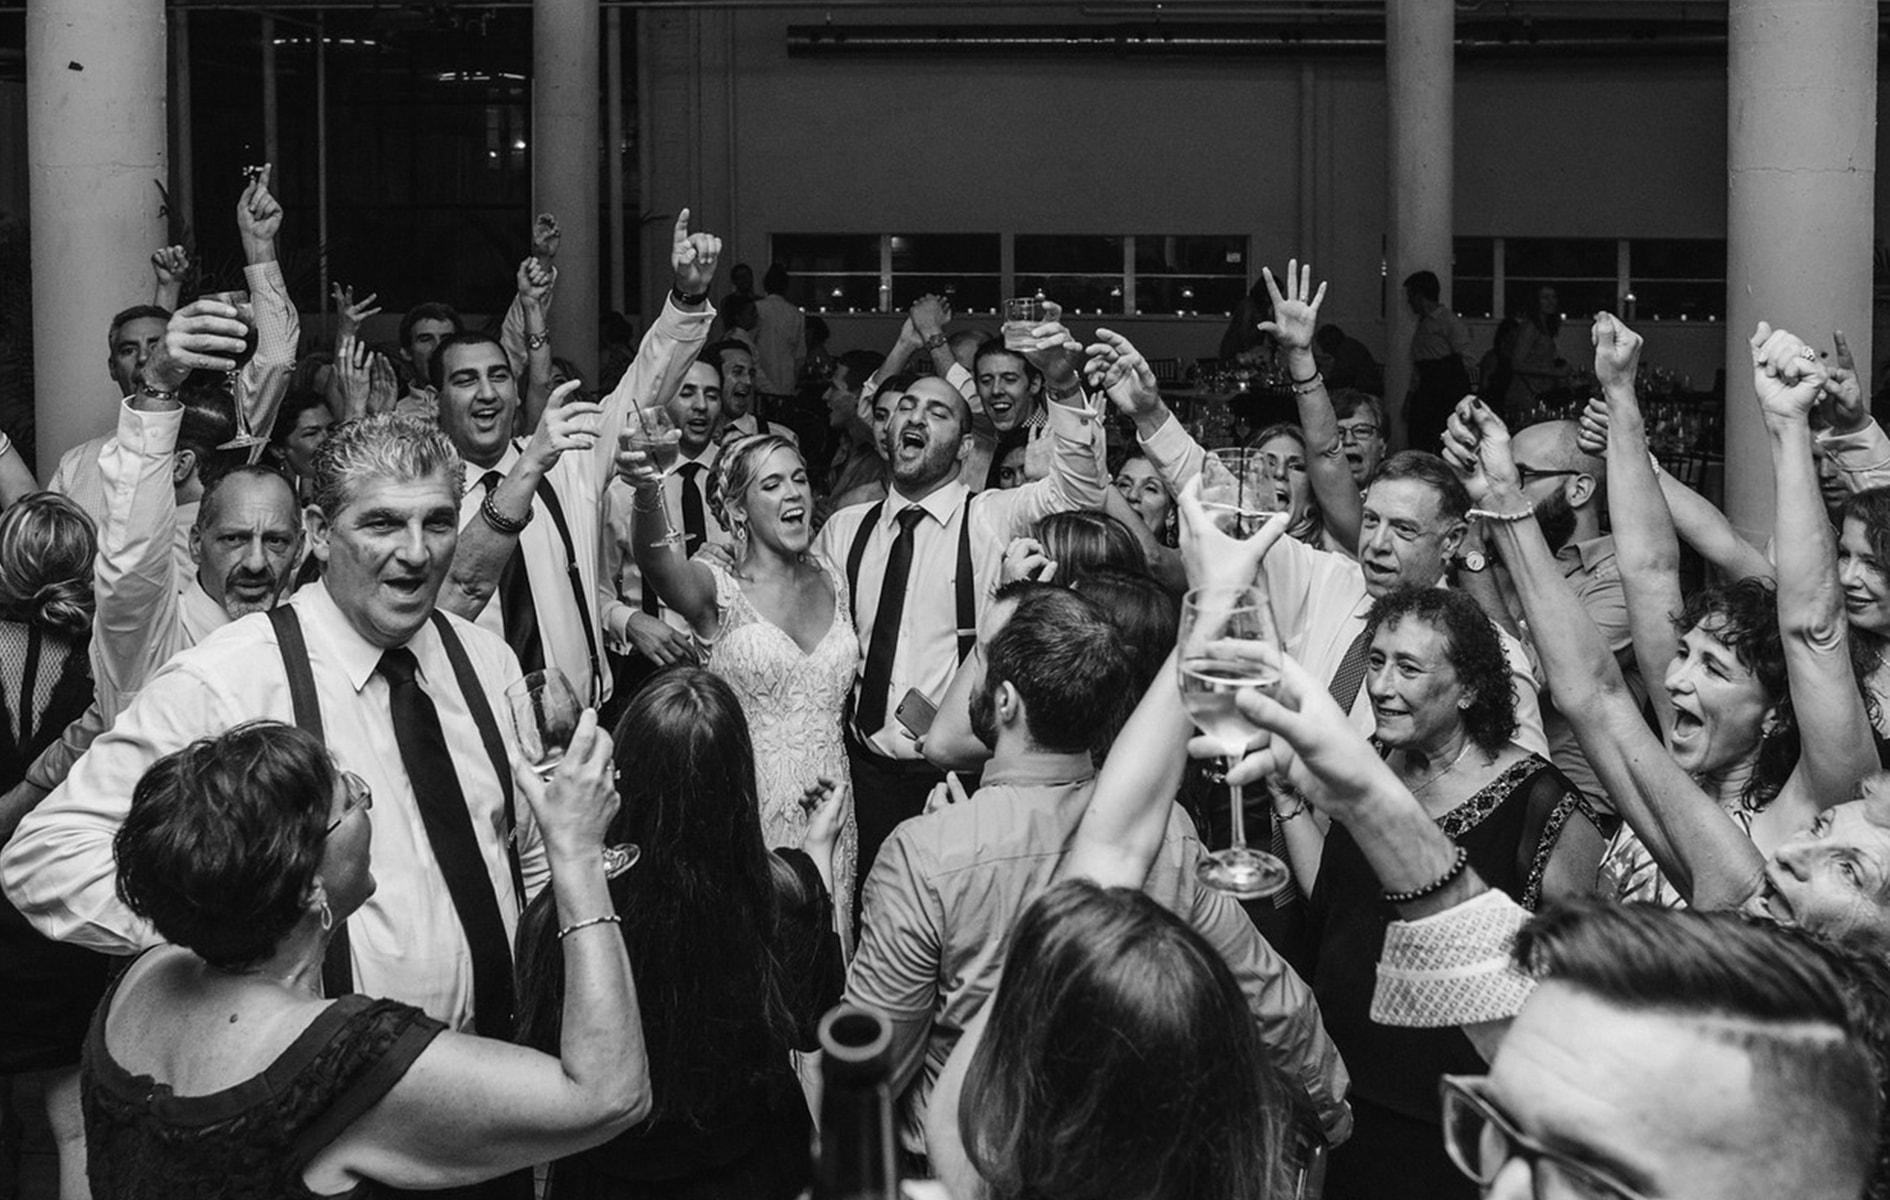 wedding guests cheer on the dance floor